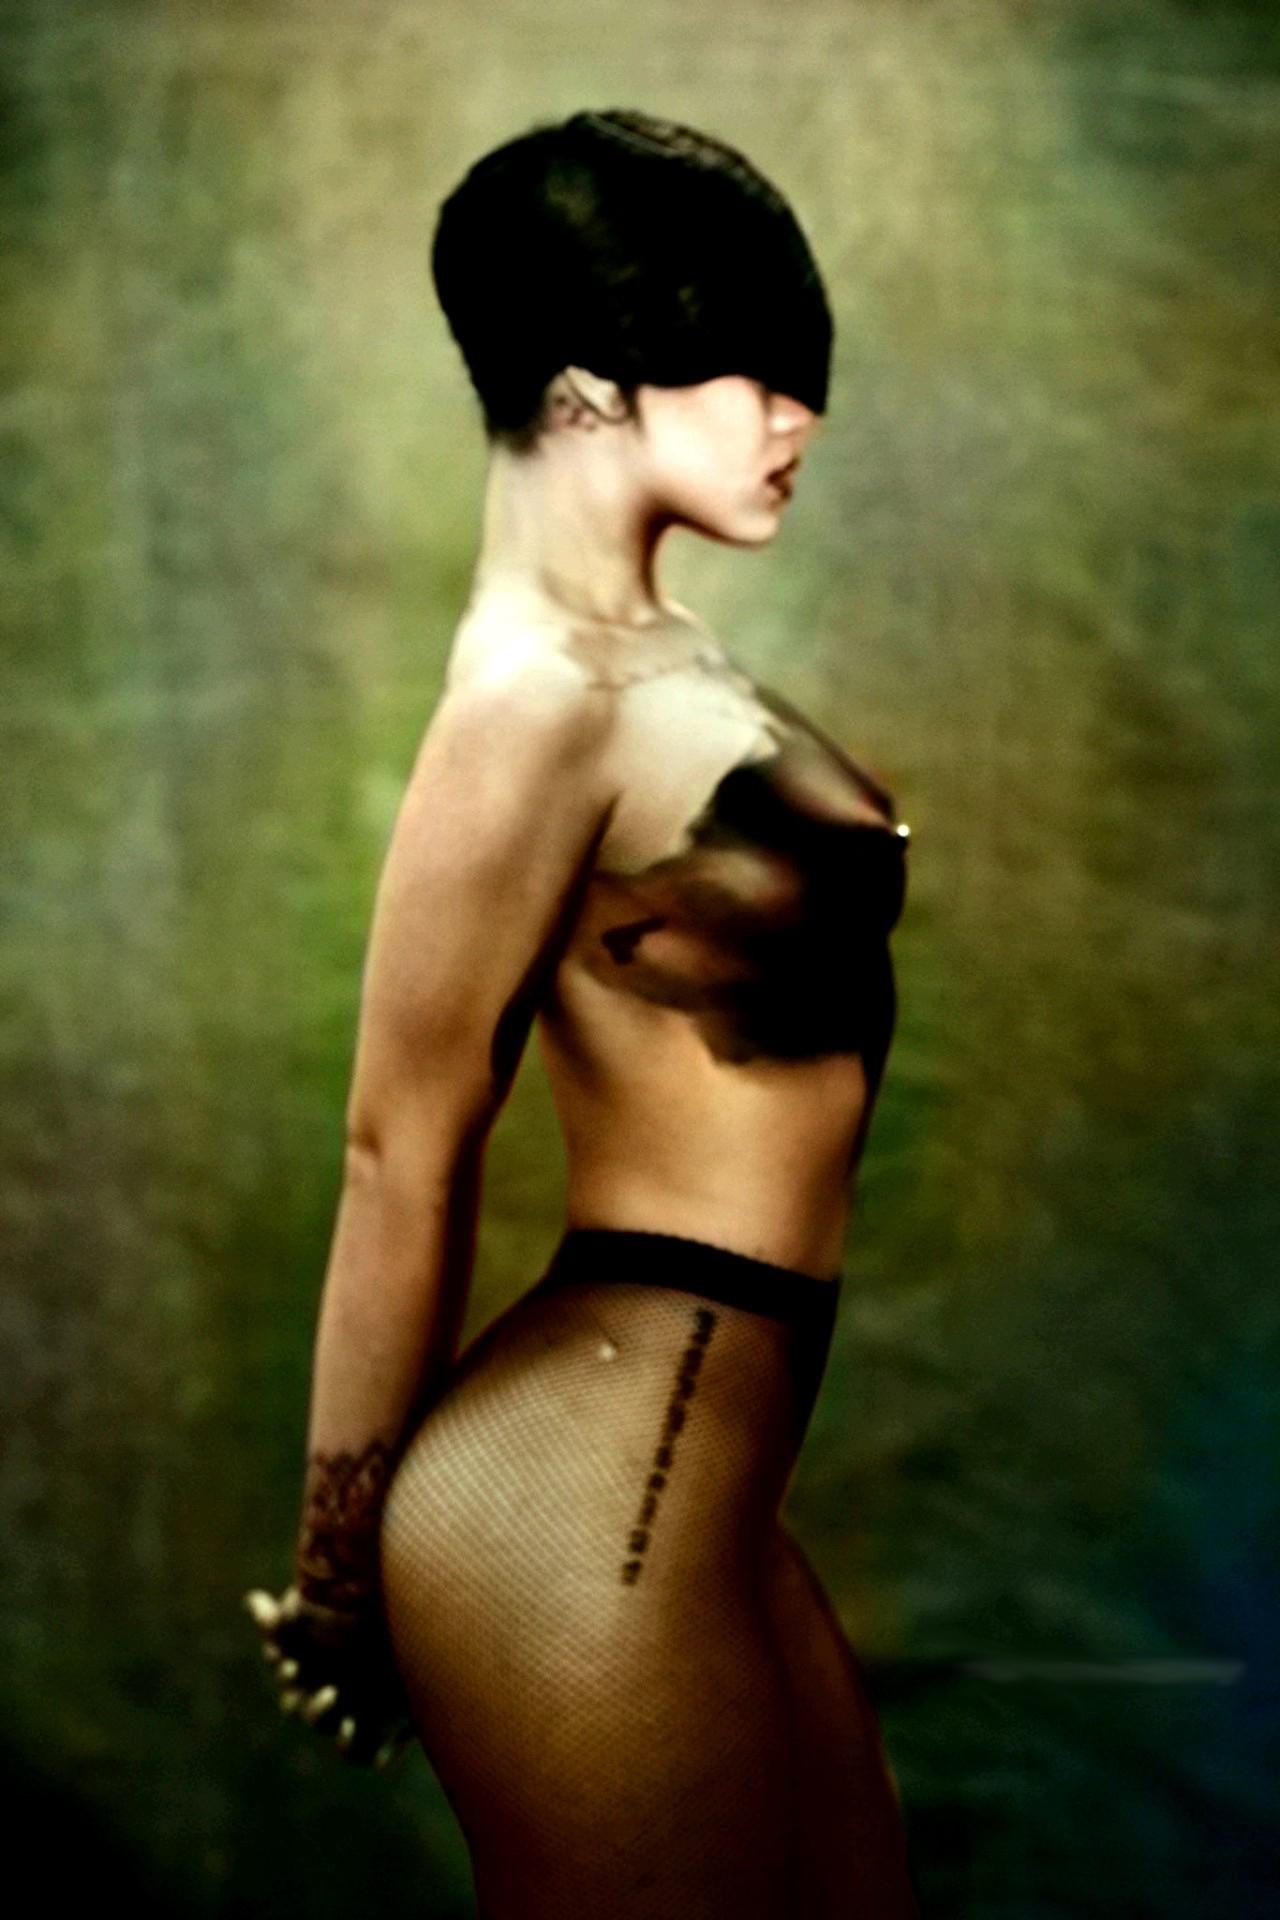 Rihanna Nude Topless And Transparent Lingerie Photos